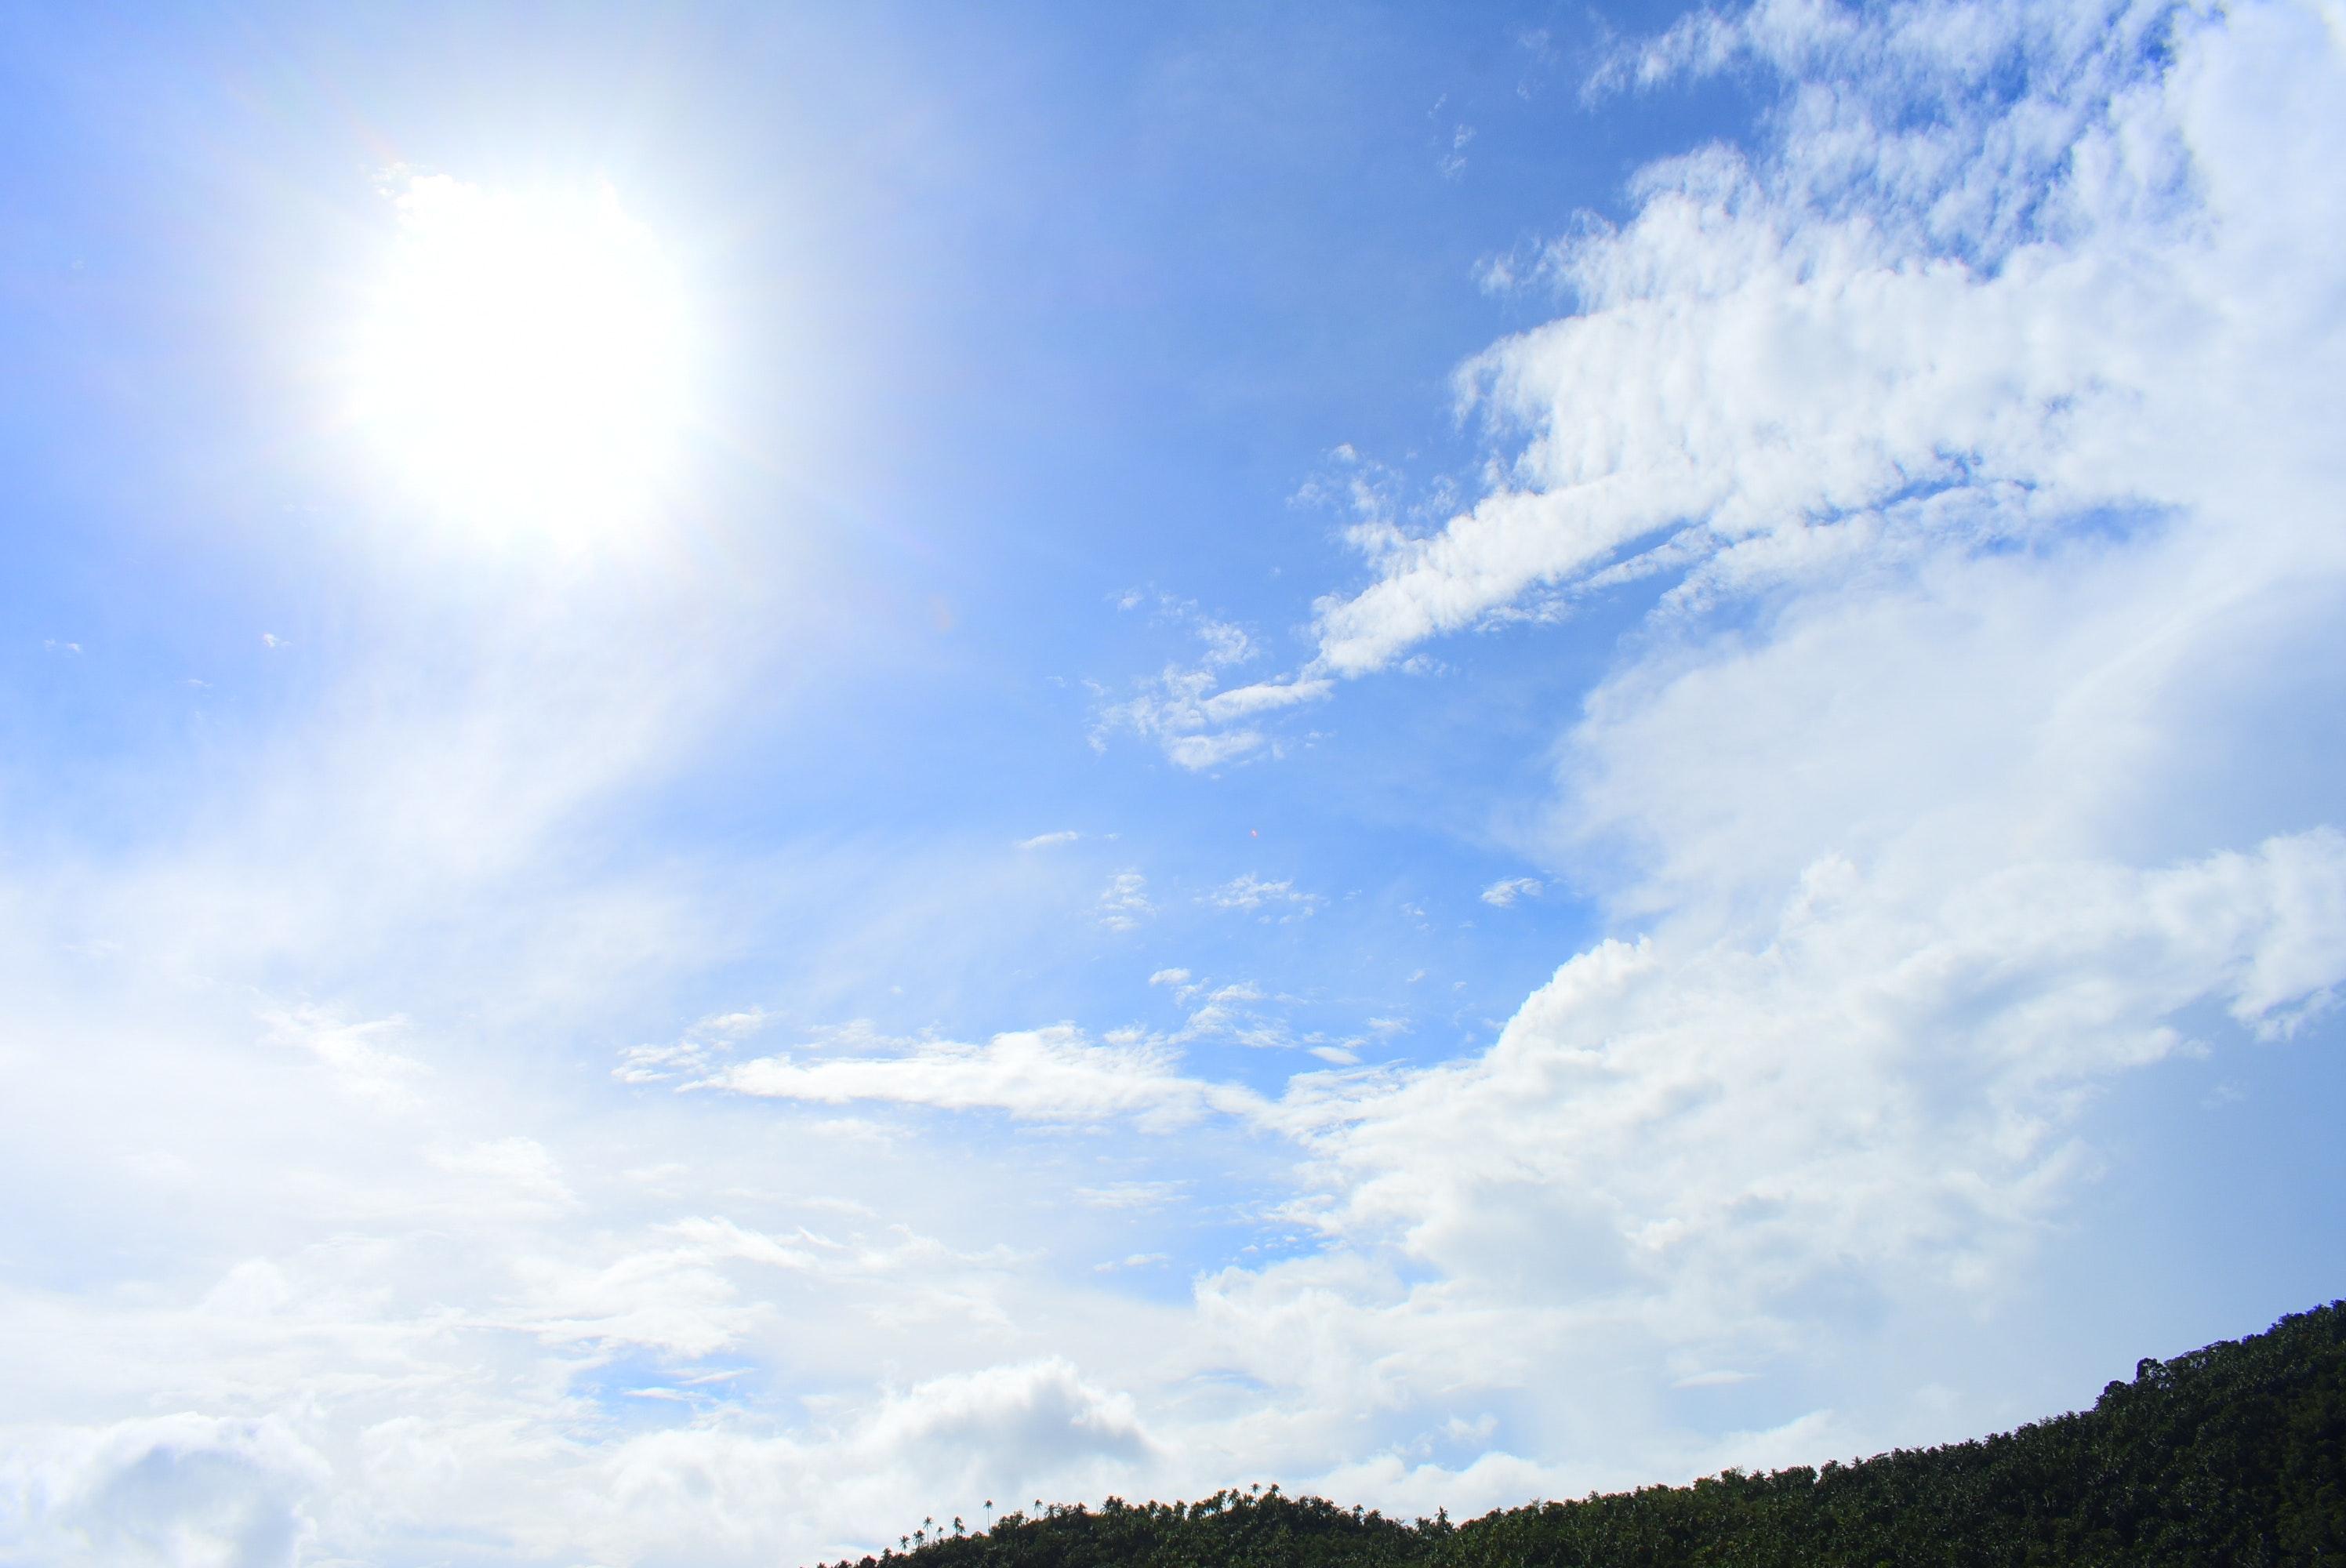 Hình ảnh trời xanh mây trắng nắng vàng cực đẹp